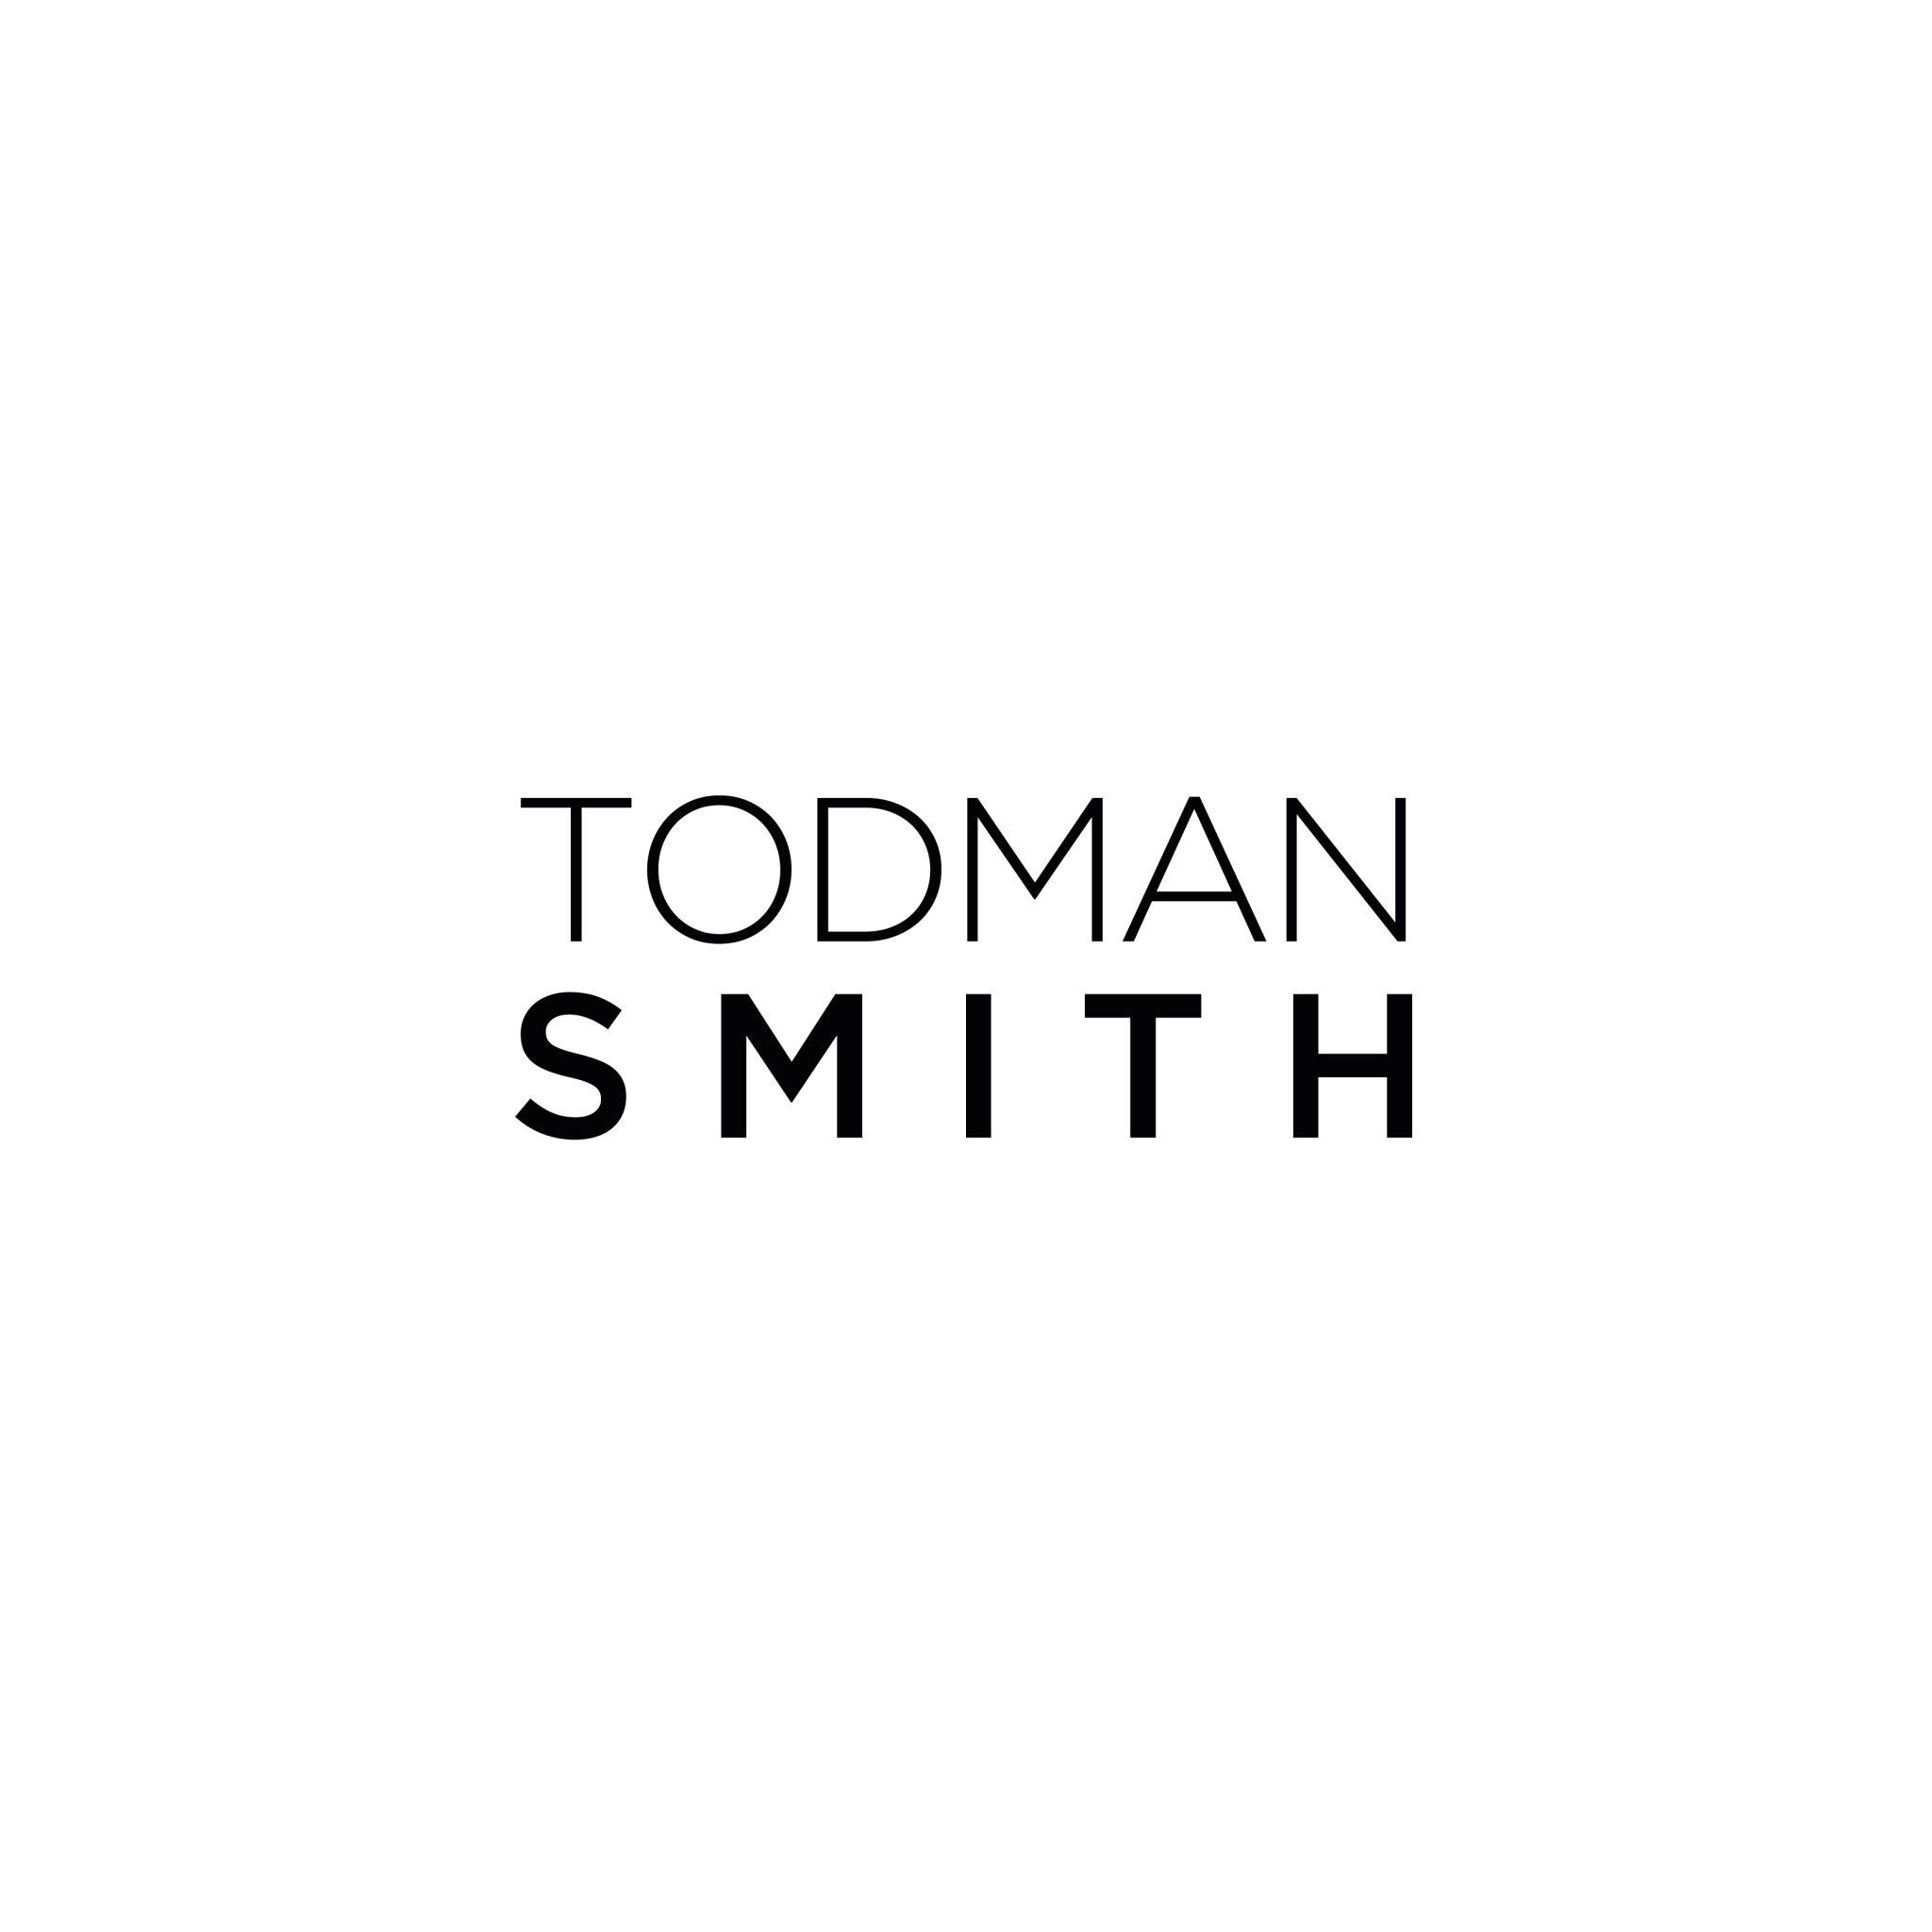 Todman Smith